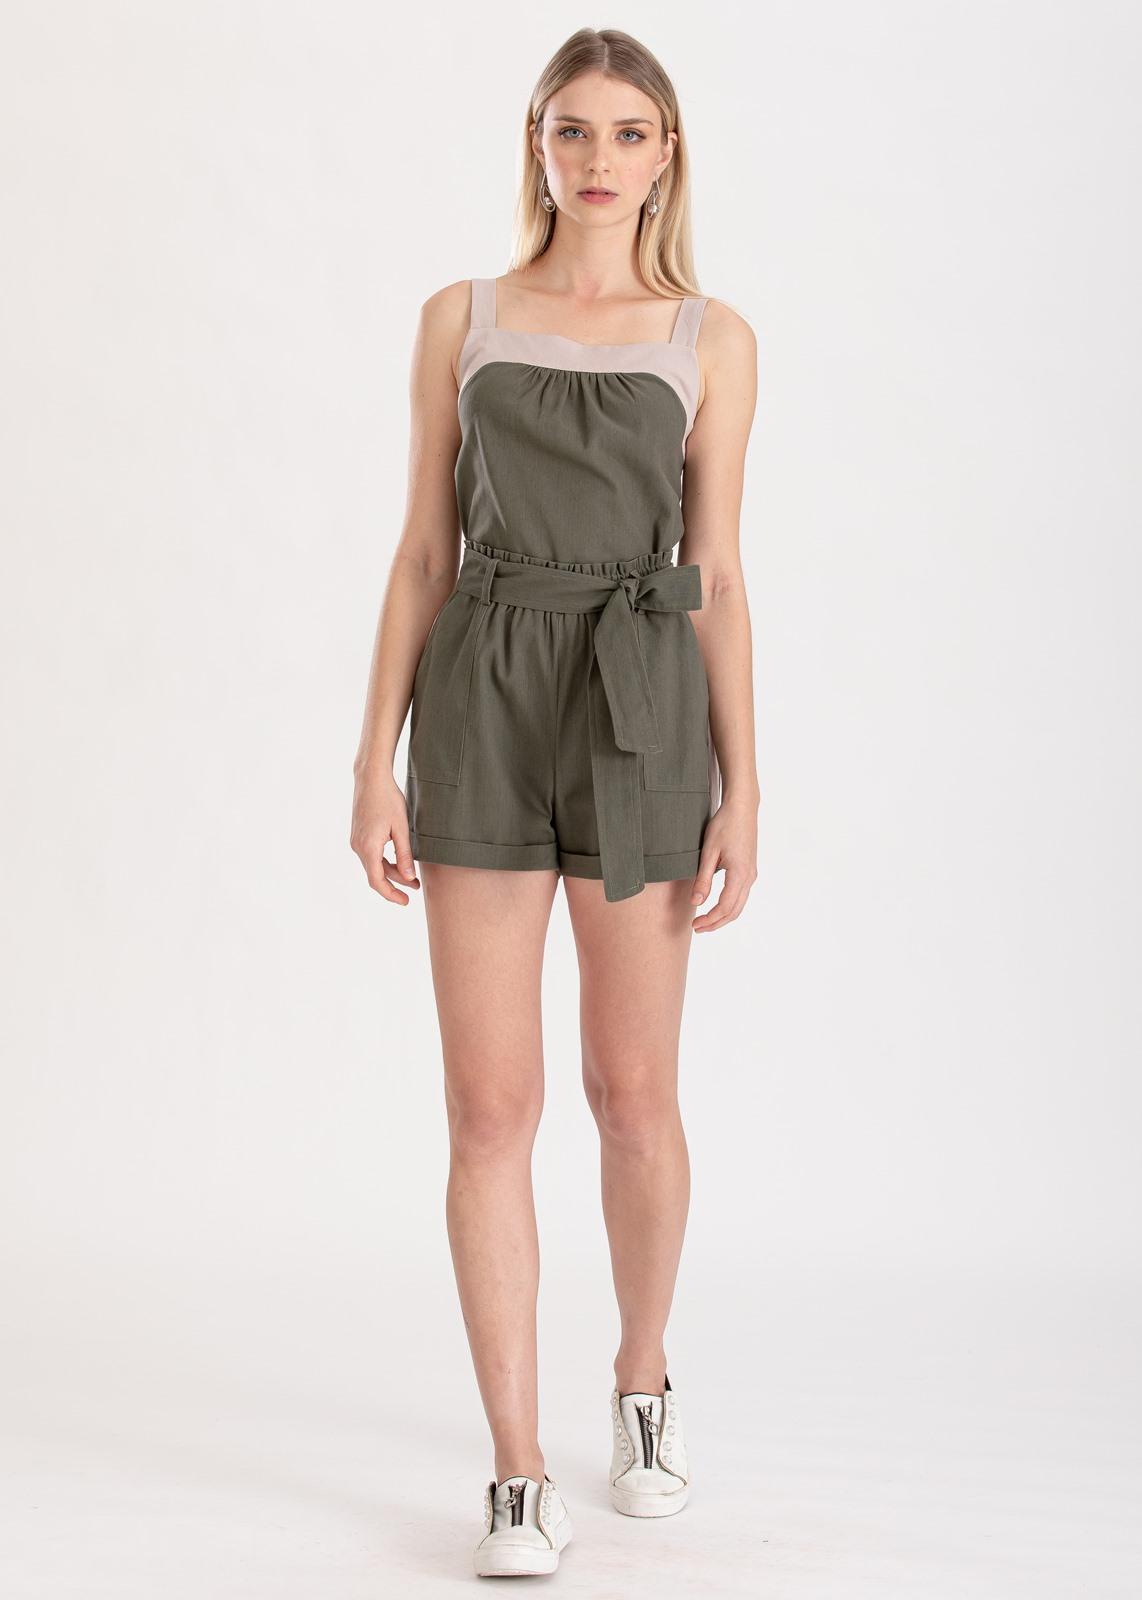 Conjunto verde shorts  e regata ref. F123123